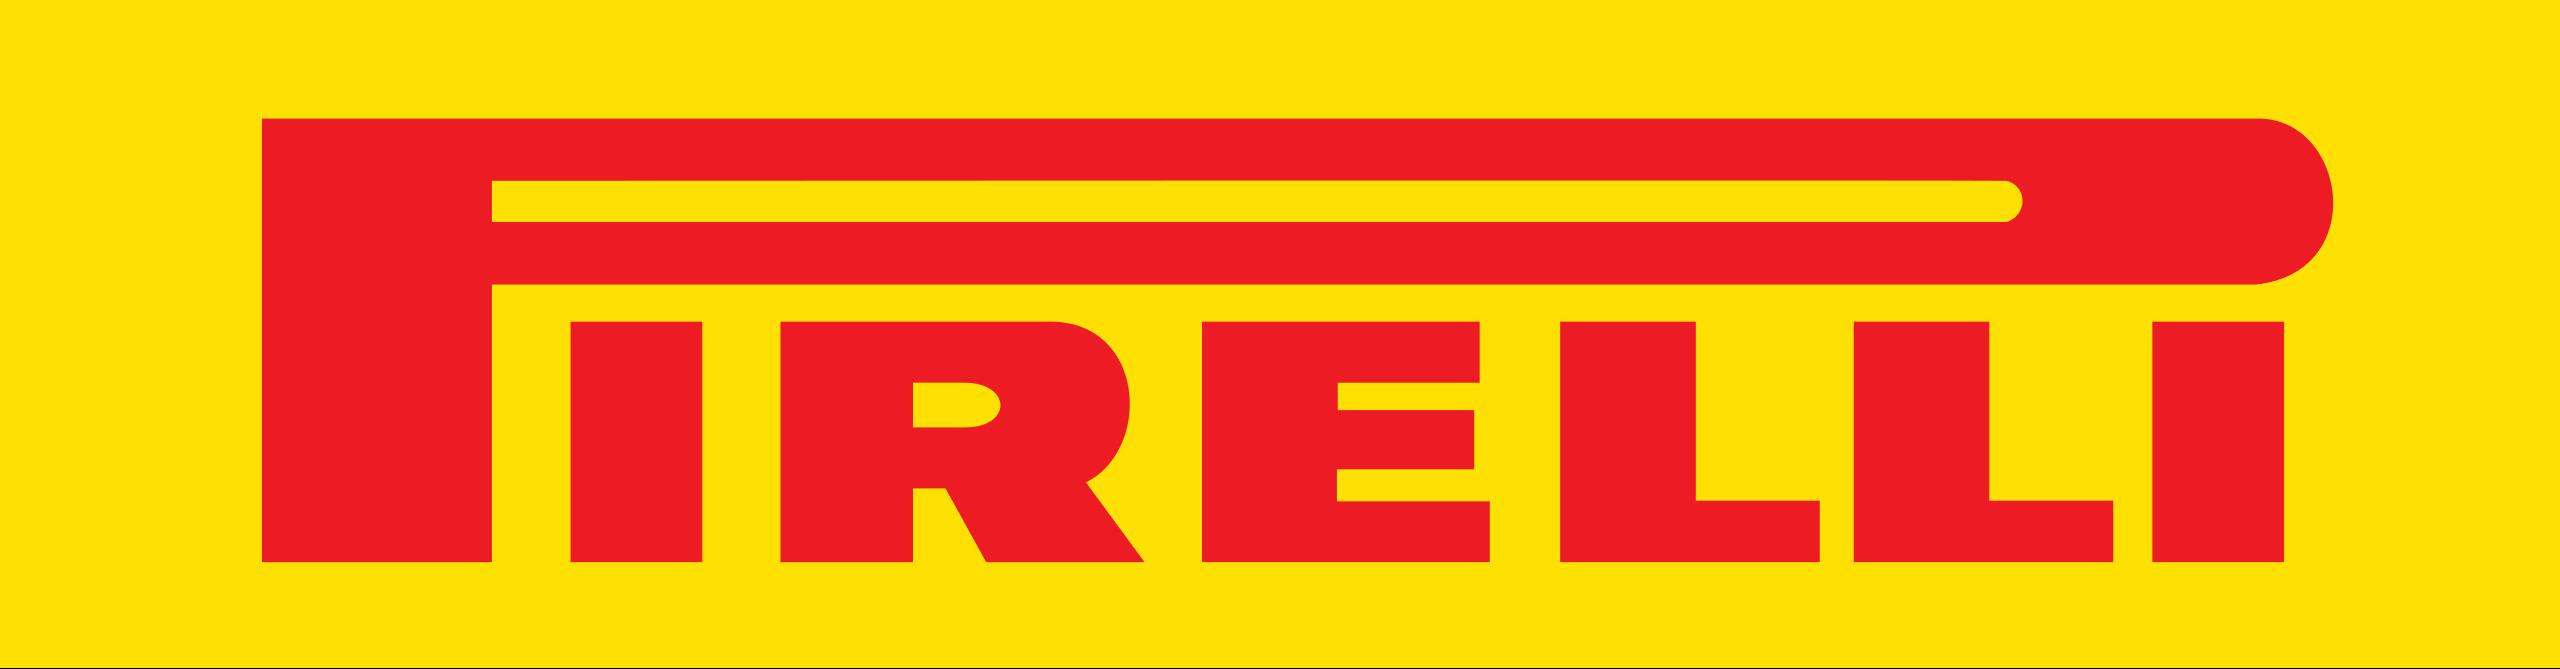 Pirelli-BlackFriday